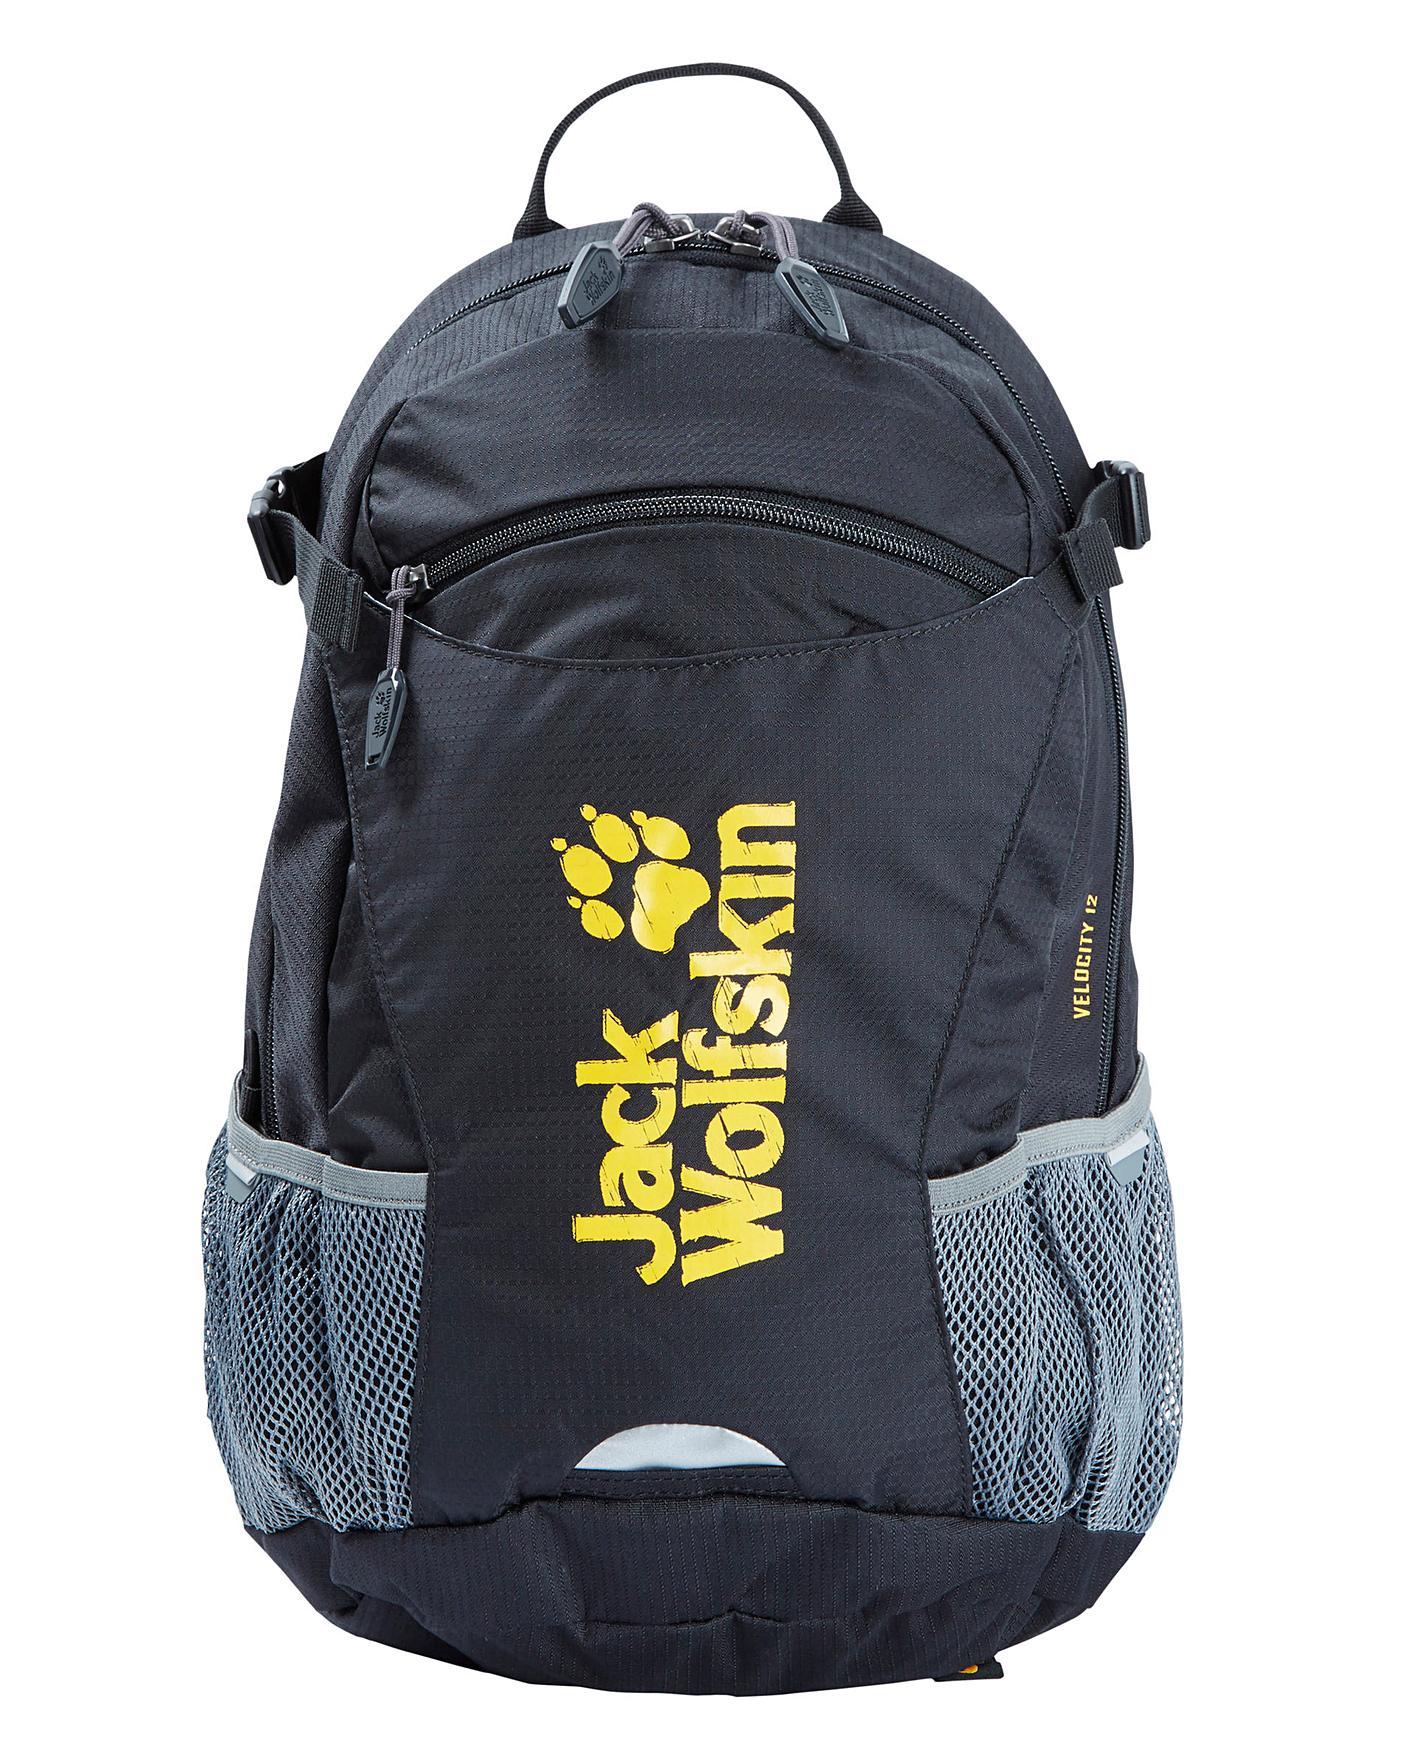 12 Velocity Backpack Wolfskin Jack mNOwn8v0